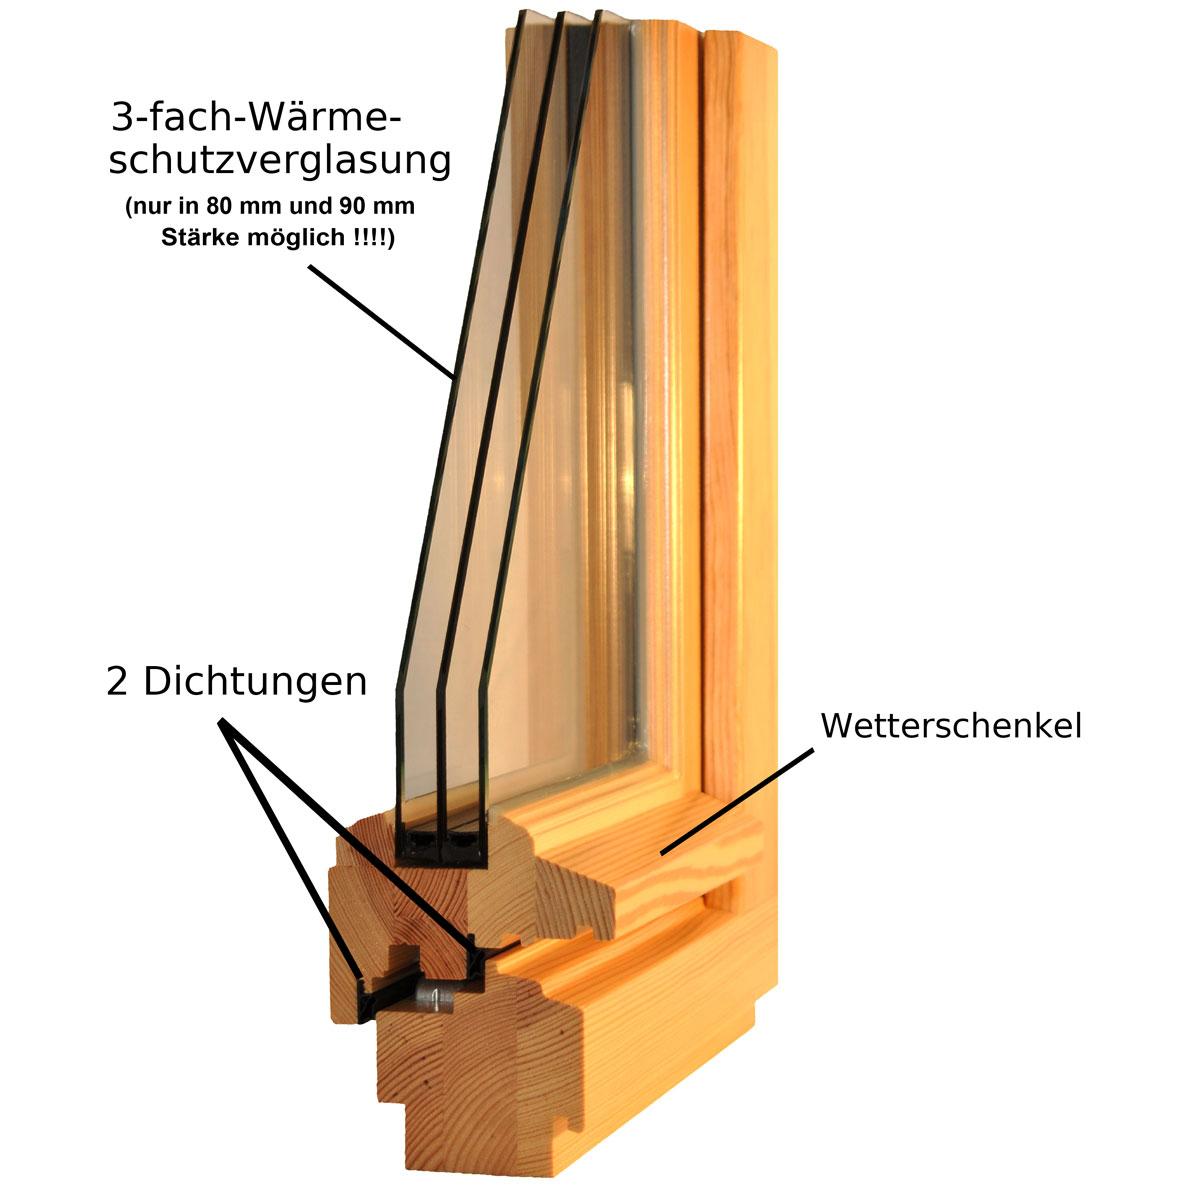 Fenster Mit Wetterschenkel : holz fenster bromer bauelemente montage gmbh wolfsburg ~ Watch28wear.com Haus und Dekorationen